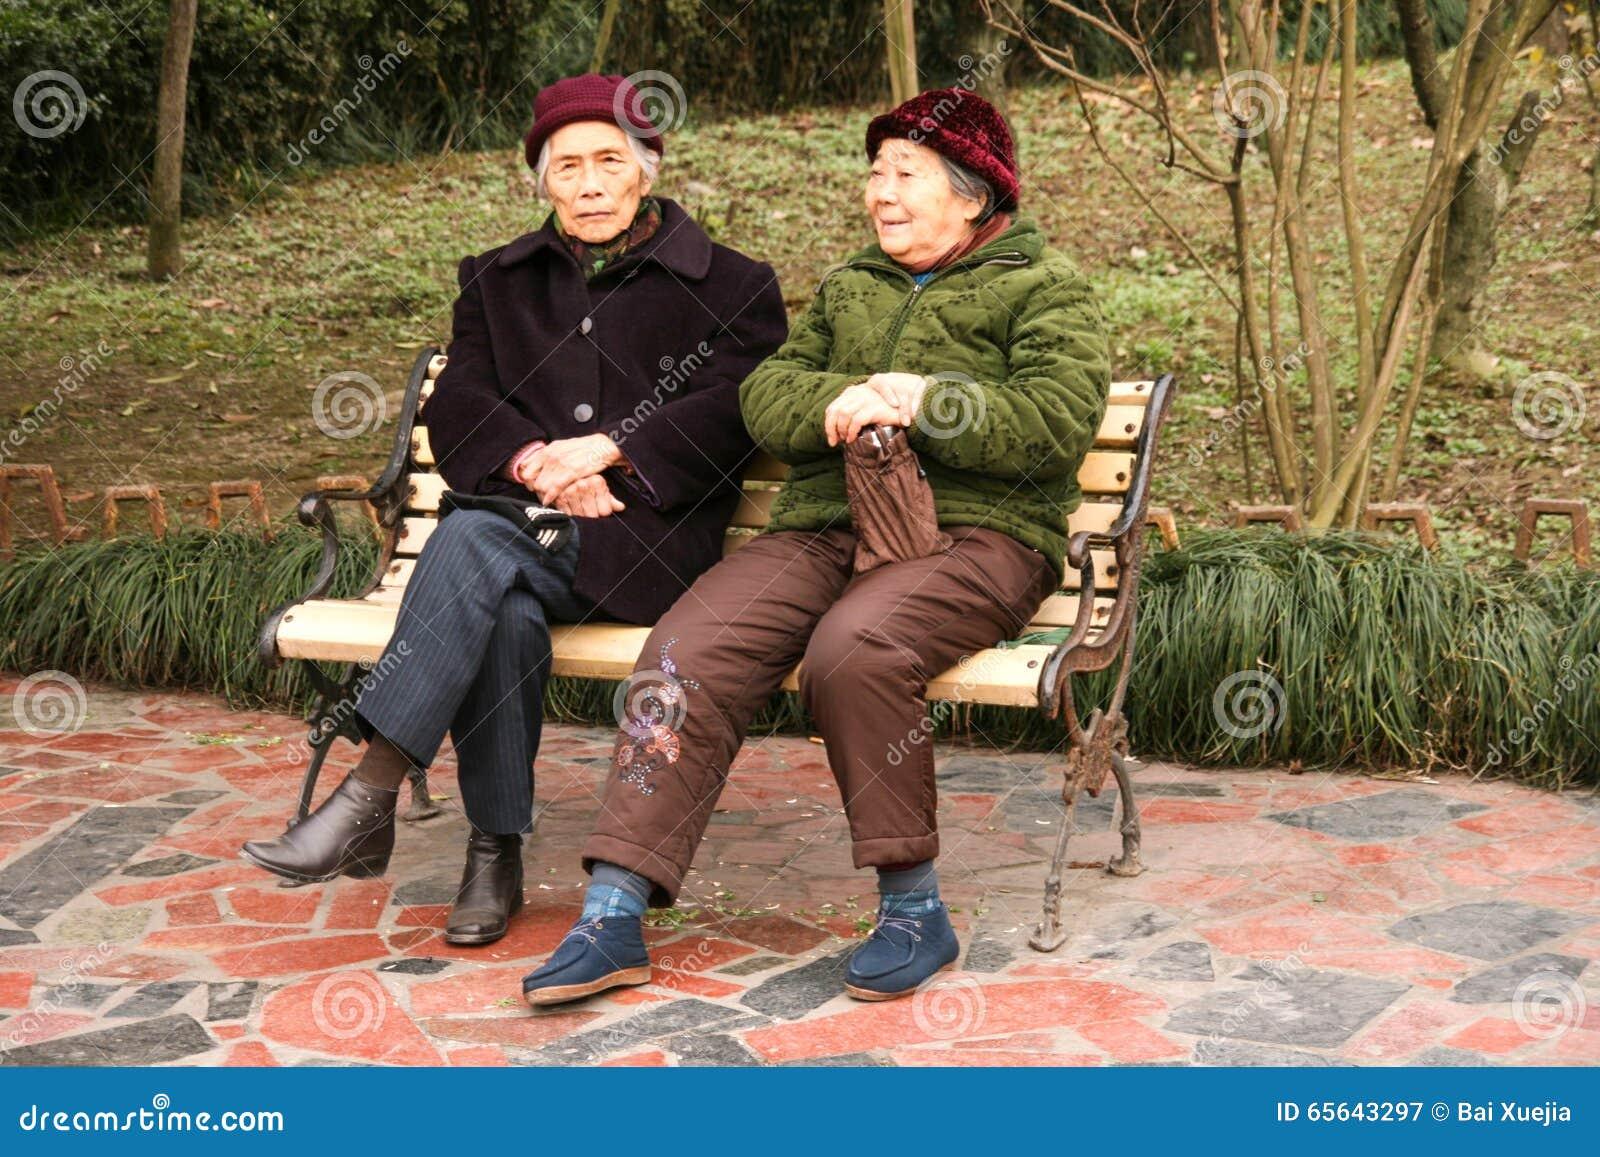 Dames âgées causant dans le chengfei se garent, Chengdu, porcelaine